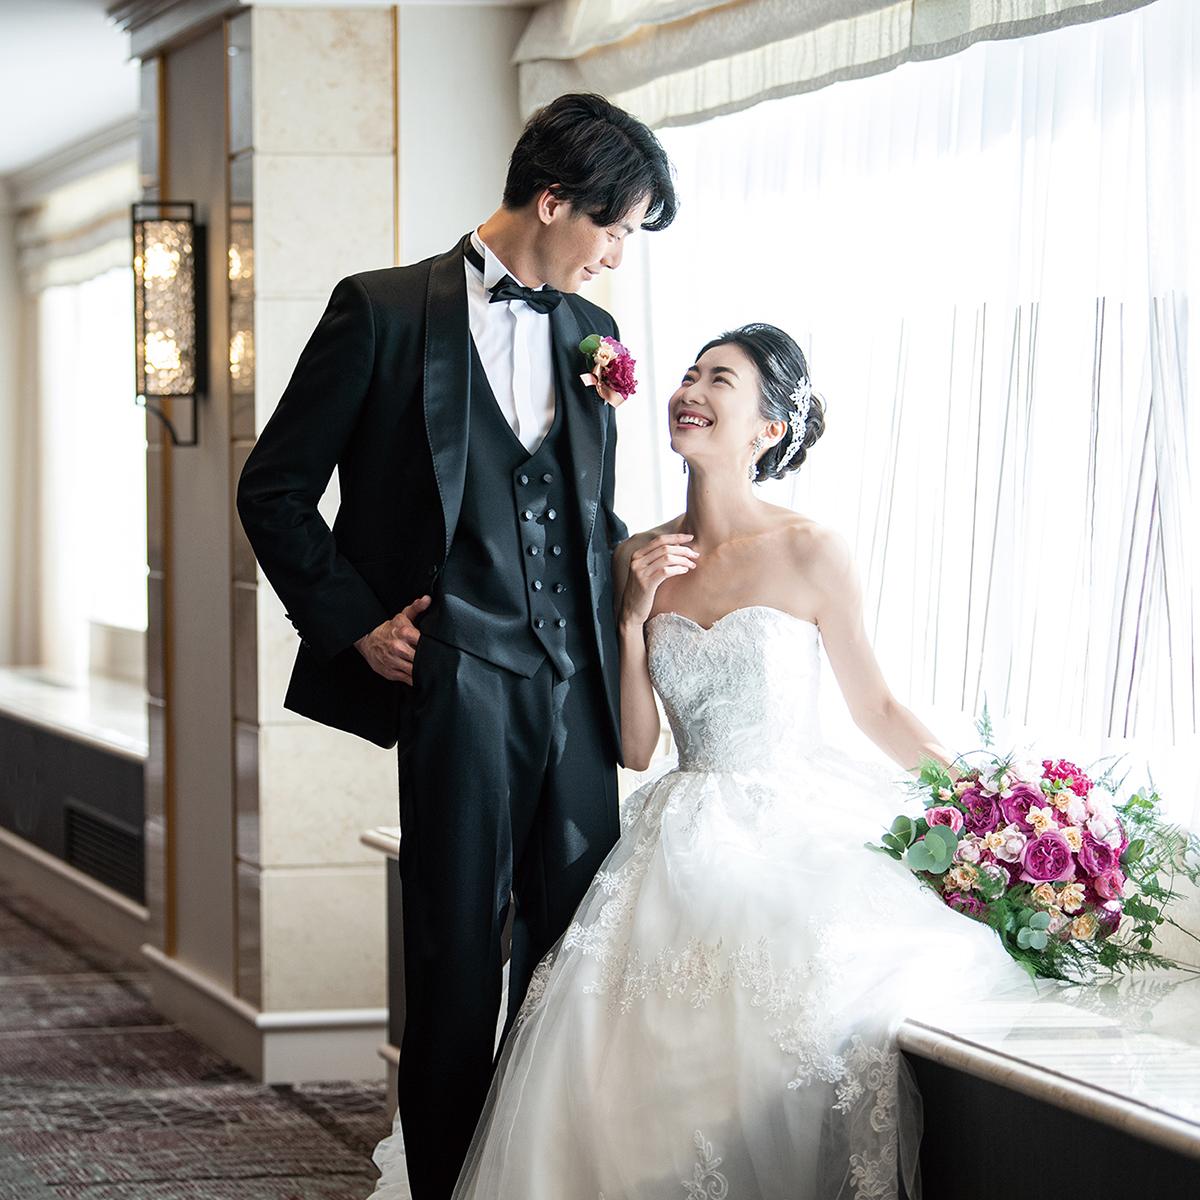 結婚式だからこそ!!新着情報イメージ3